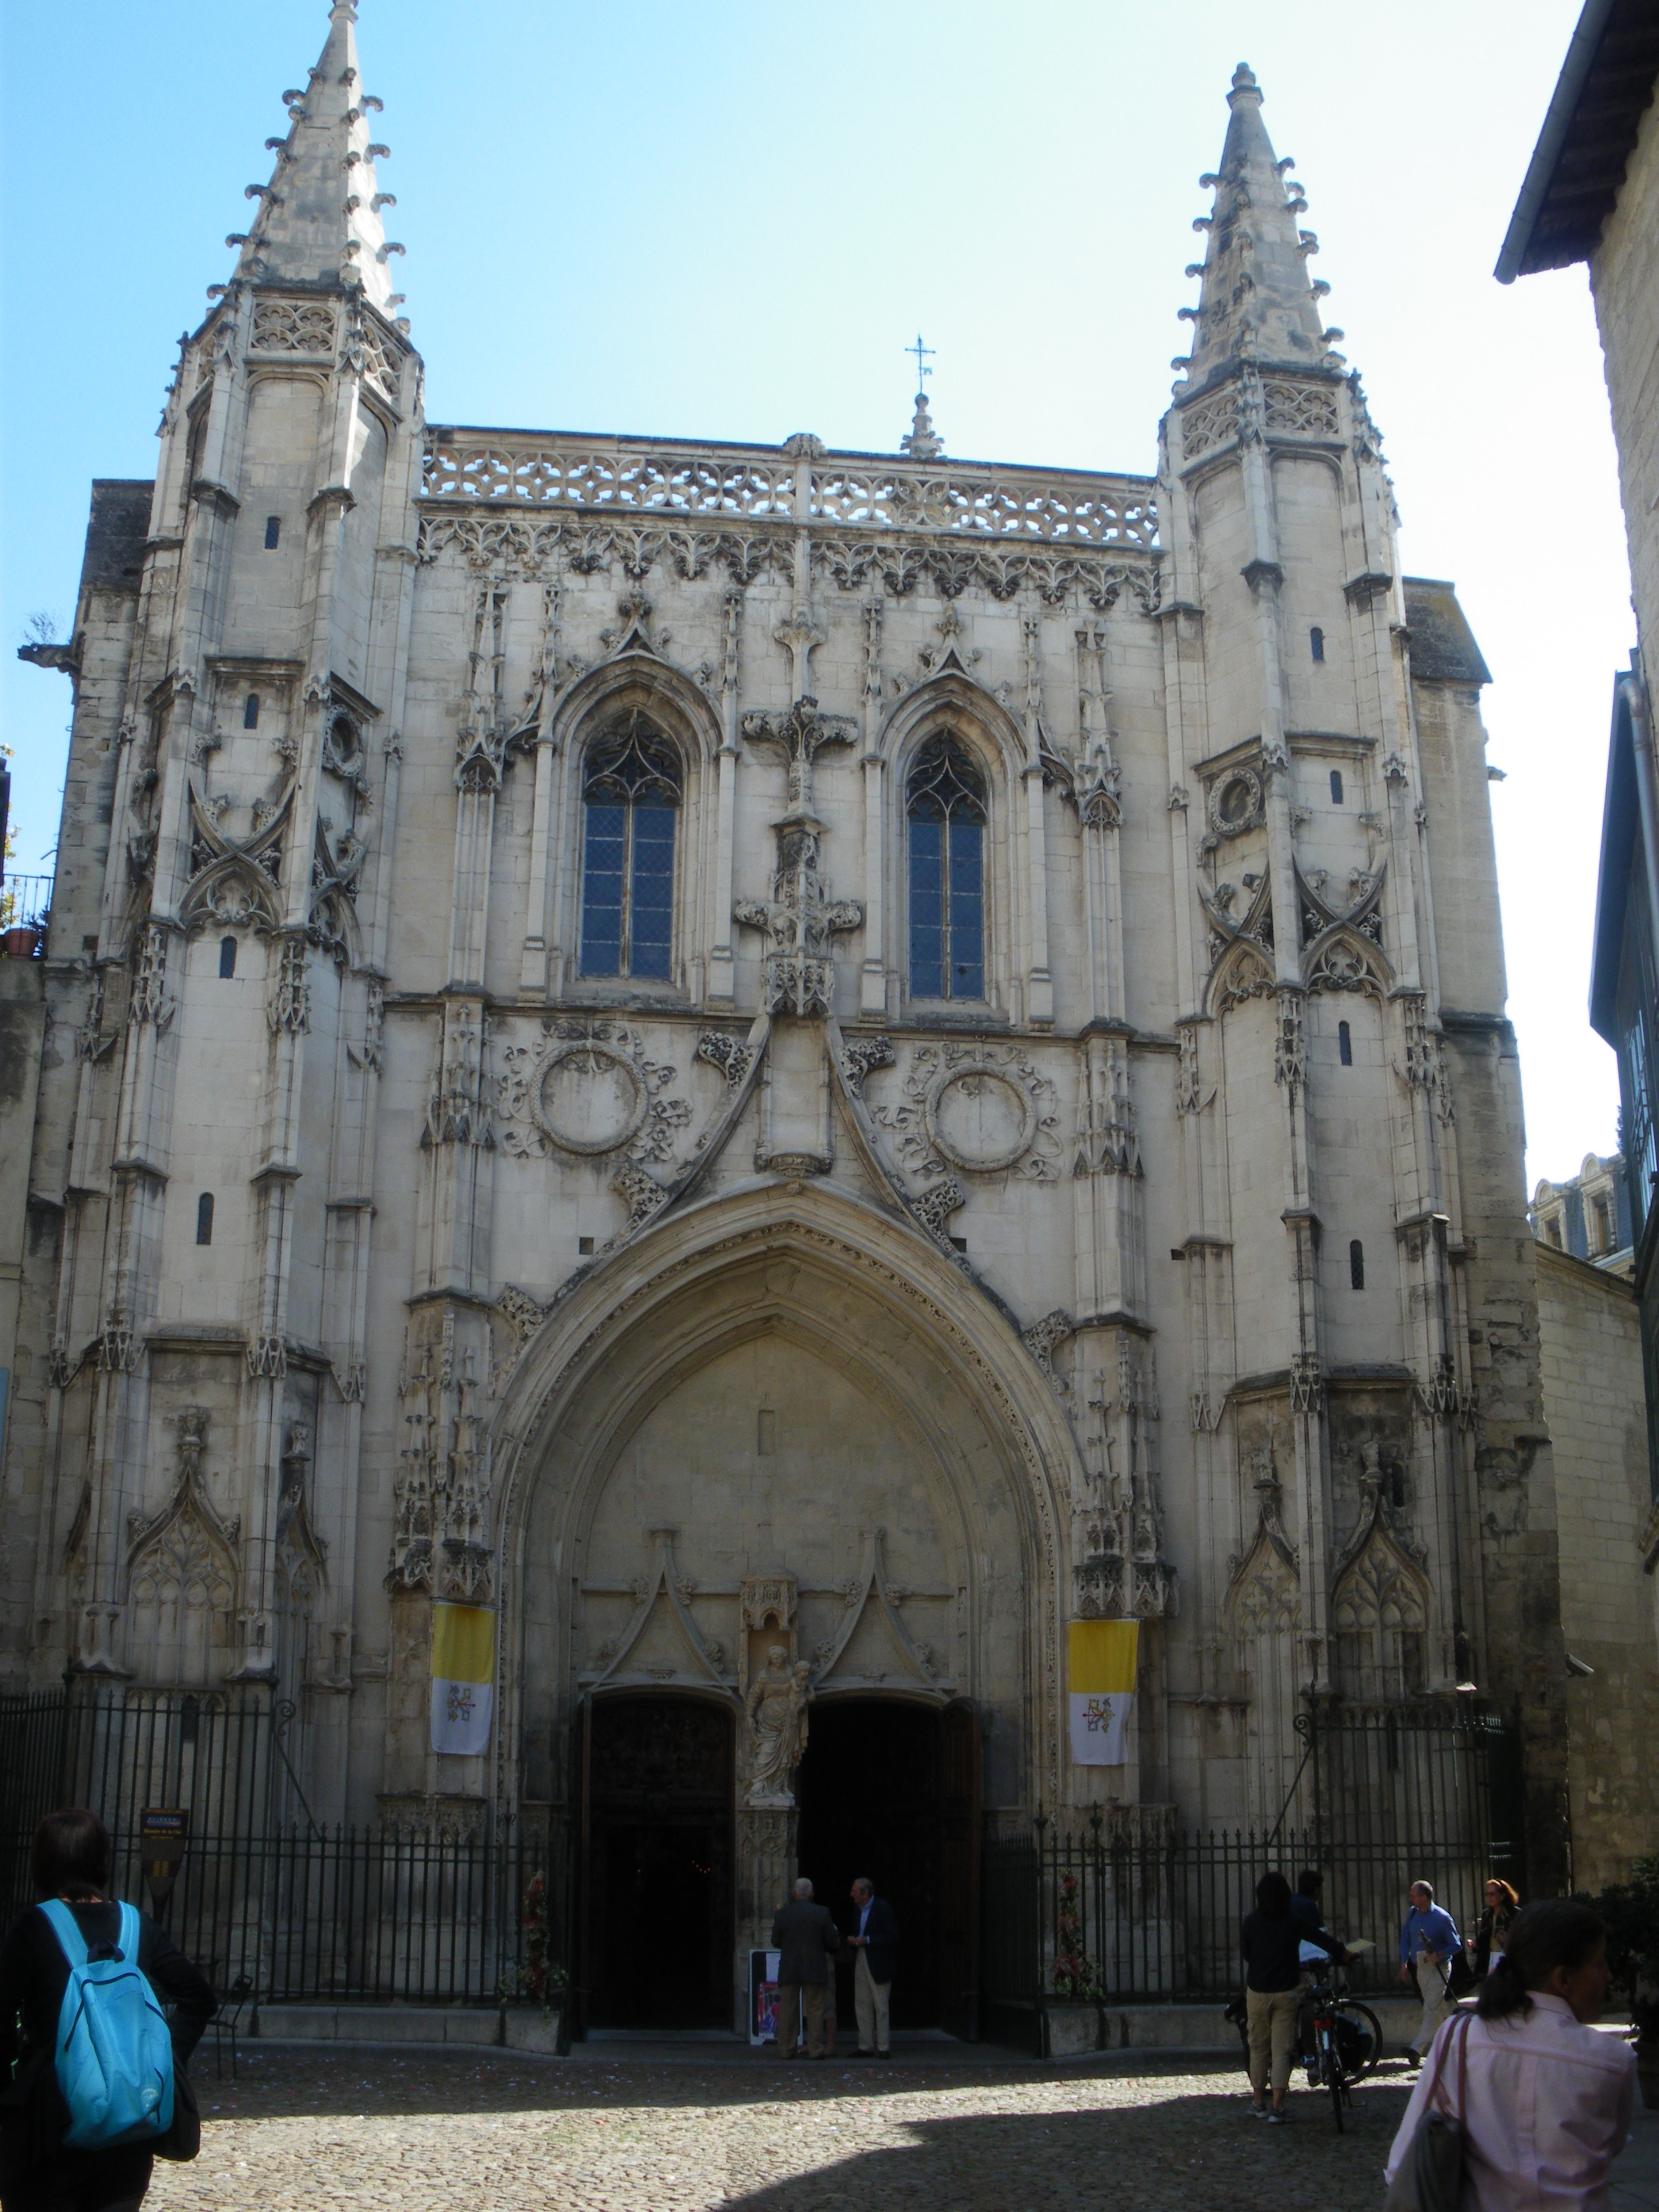 Basílica de San Pedro de Aviñón - Wikipedia, la enciclopedia libre